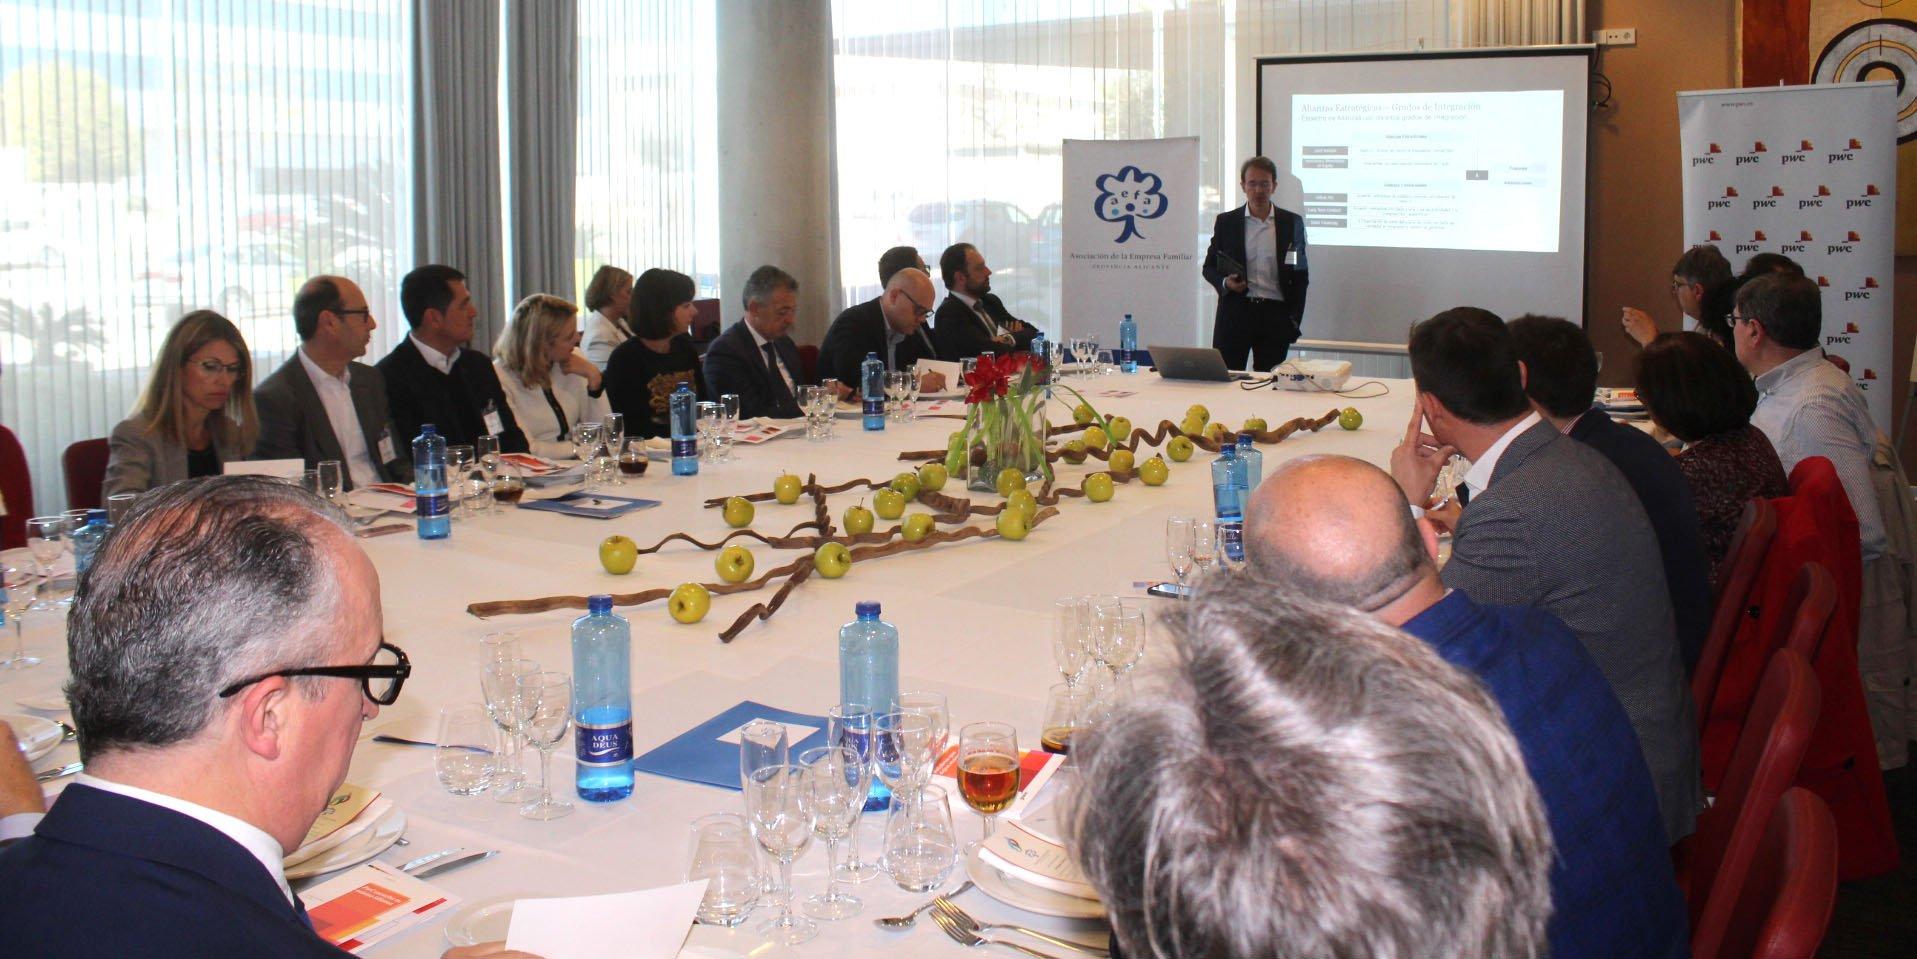 Aefa y PwC exponen las posibles alianzas para hacer crecer a la empresa familiar